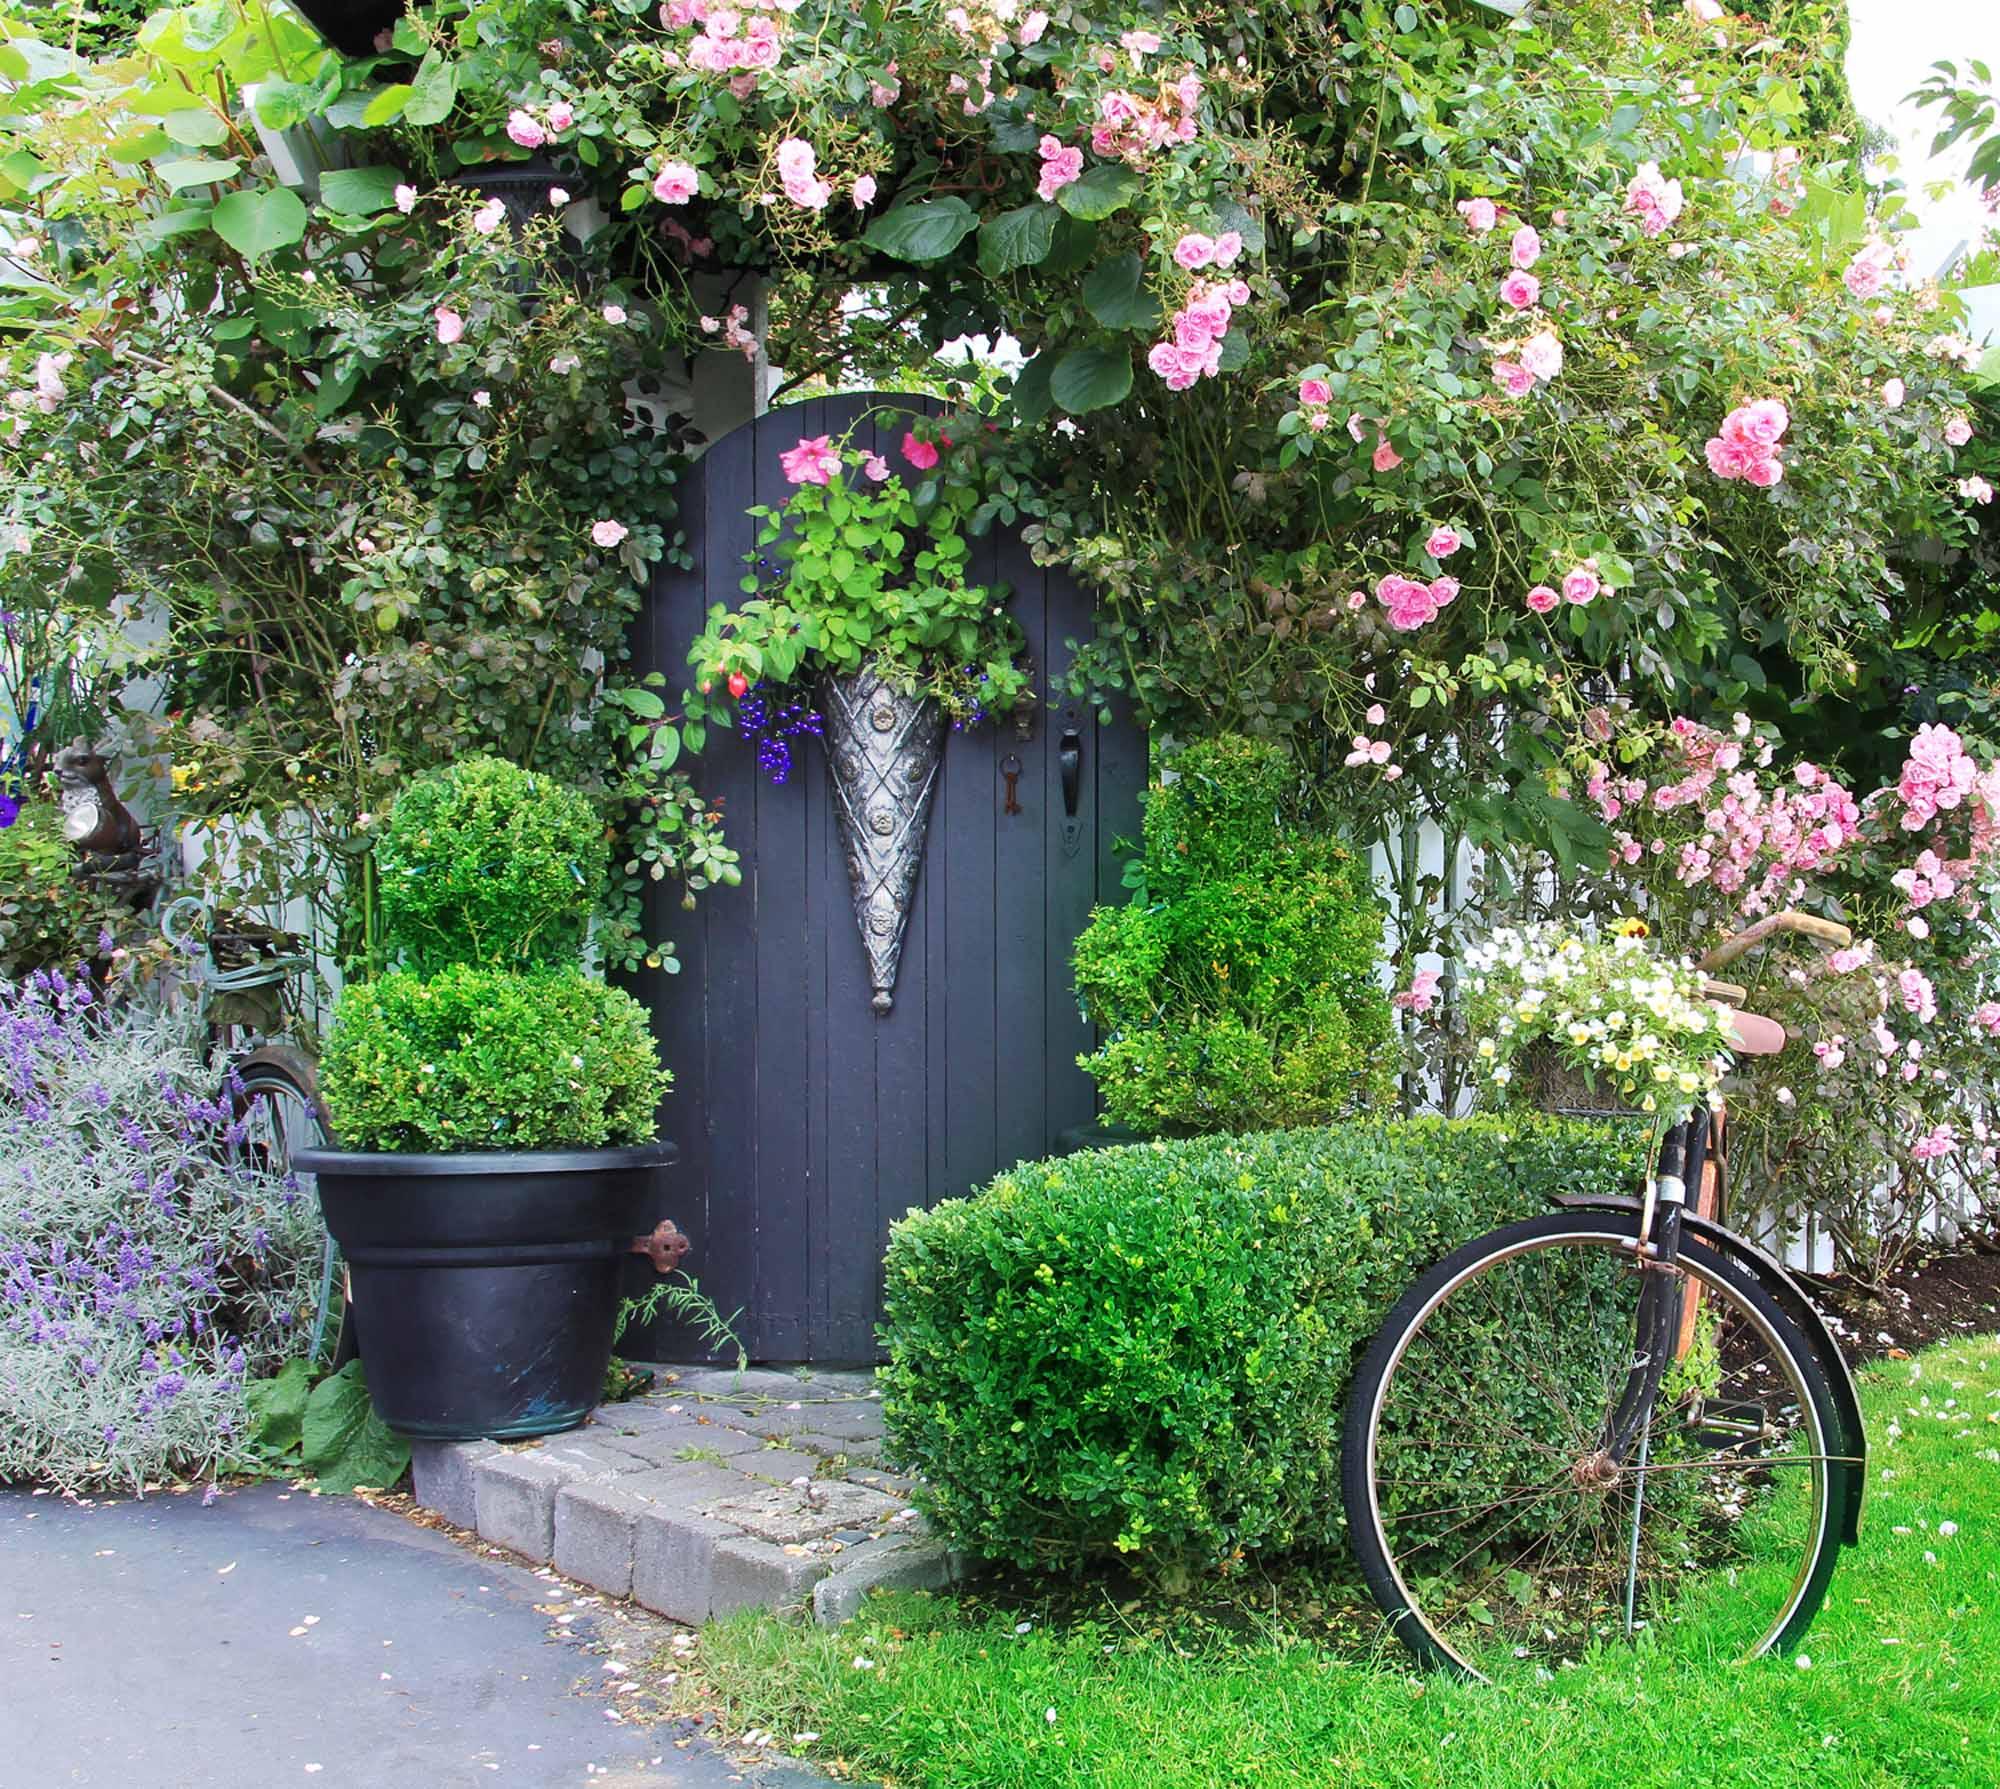 Quelle haie pour mon jardin ? - Les conseils pour votre jardin de ...